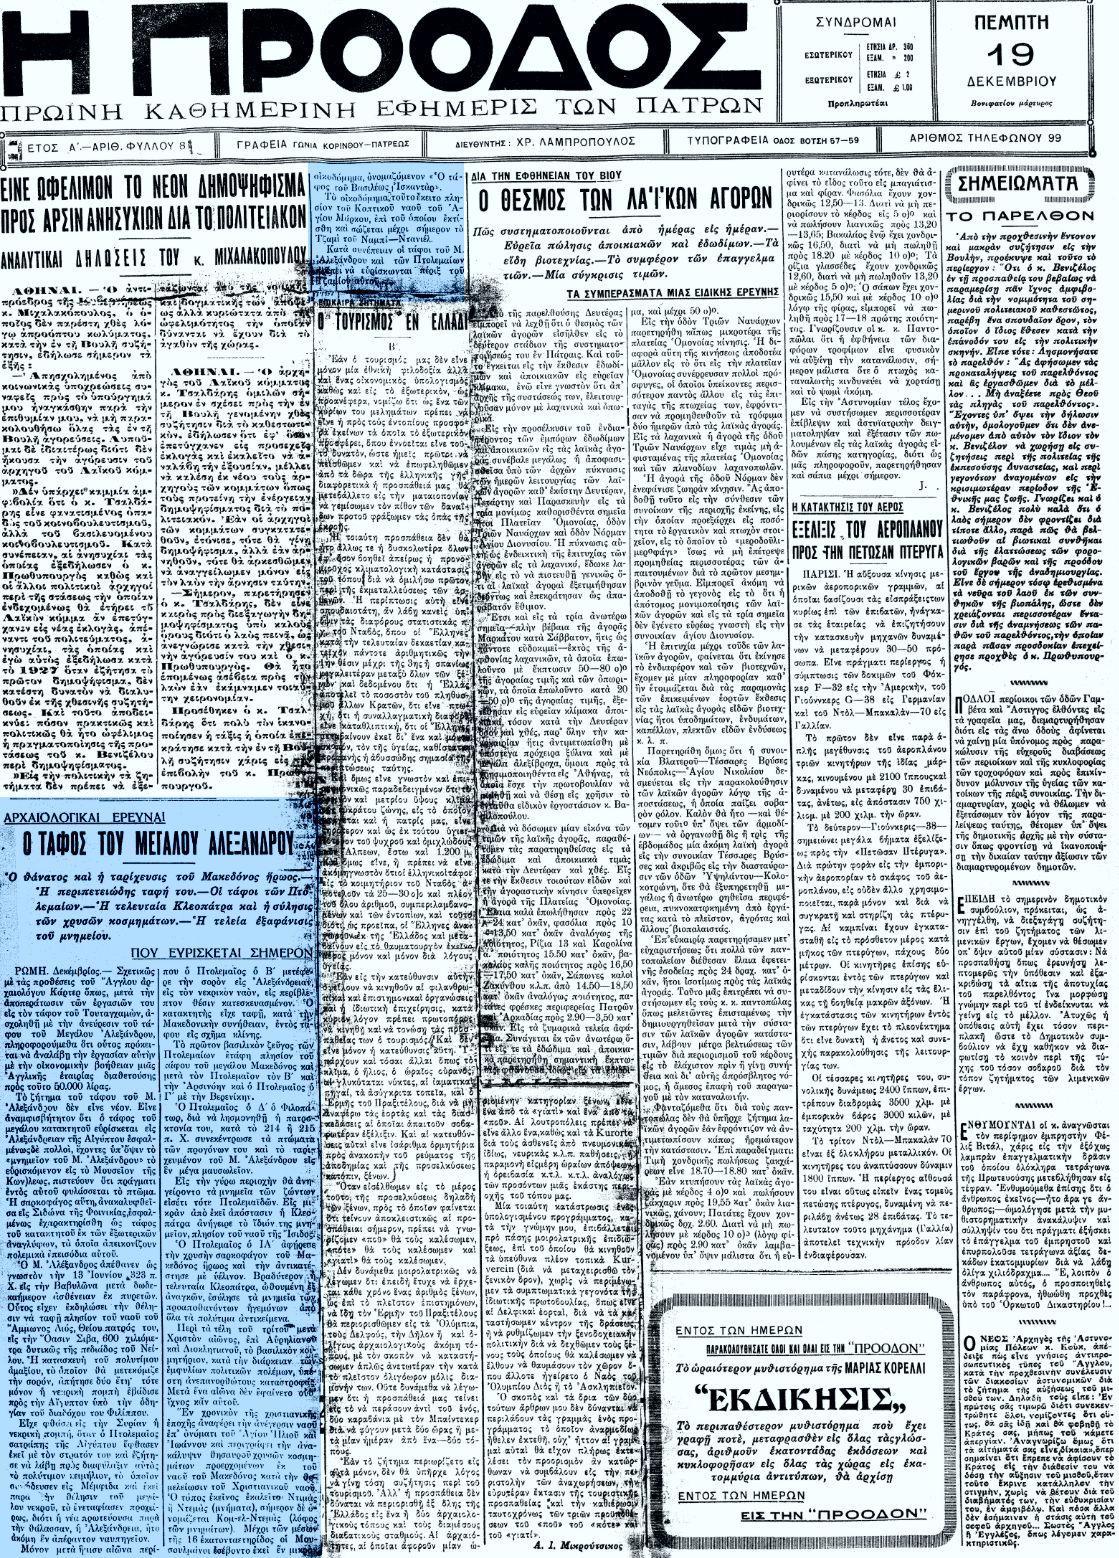 """Το άρθρο, όπως δημοσιεύθηκε στην εφημερίδα """"Η ΠΡΟΟΔΟΣ"""", στις 19/12/1929"""